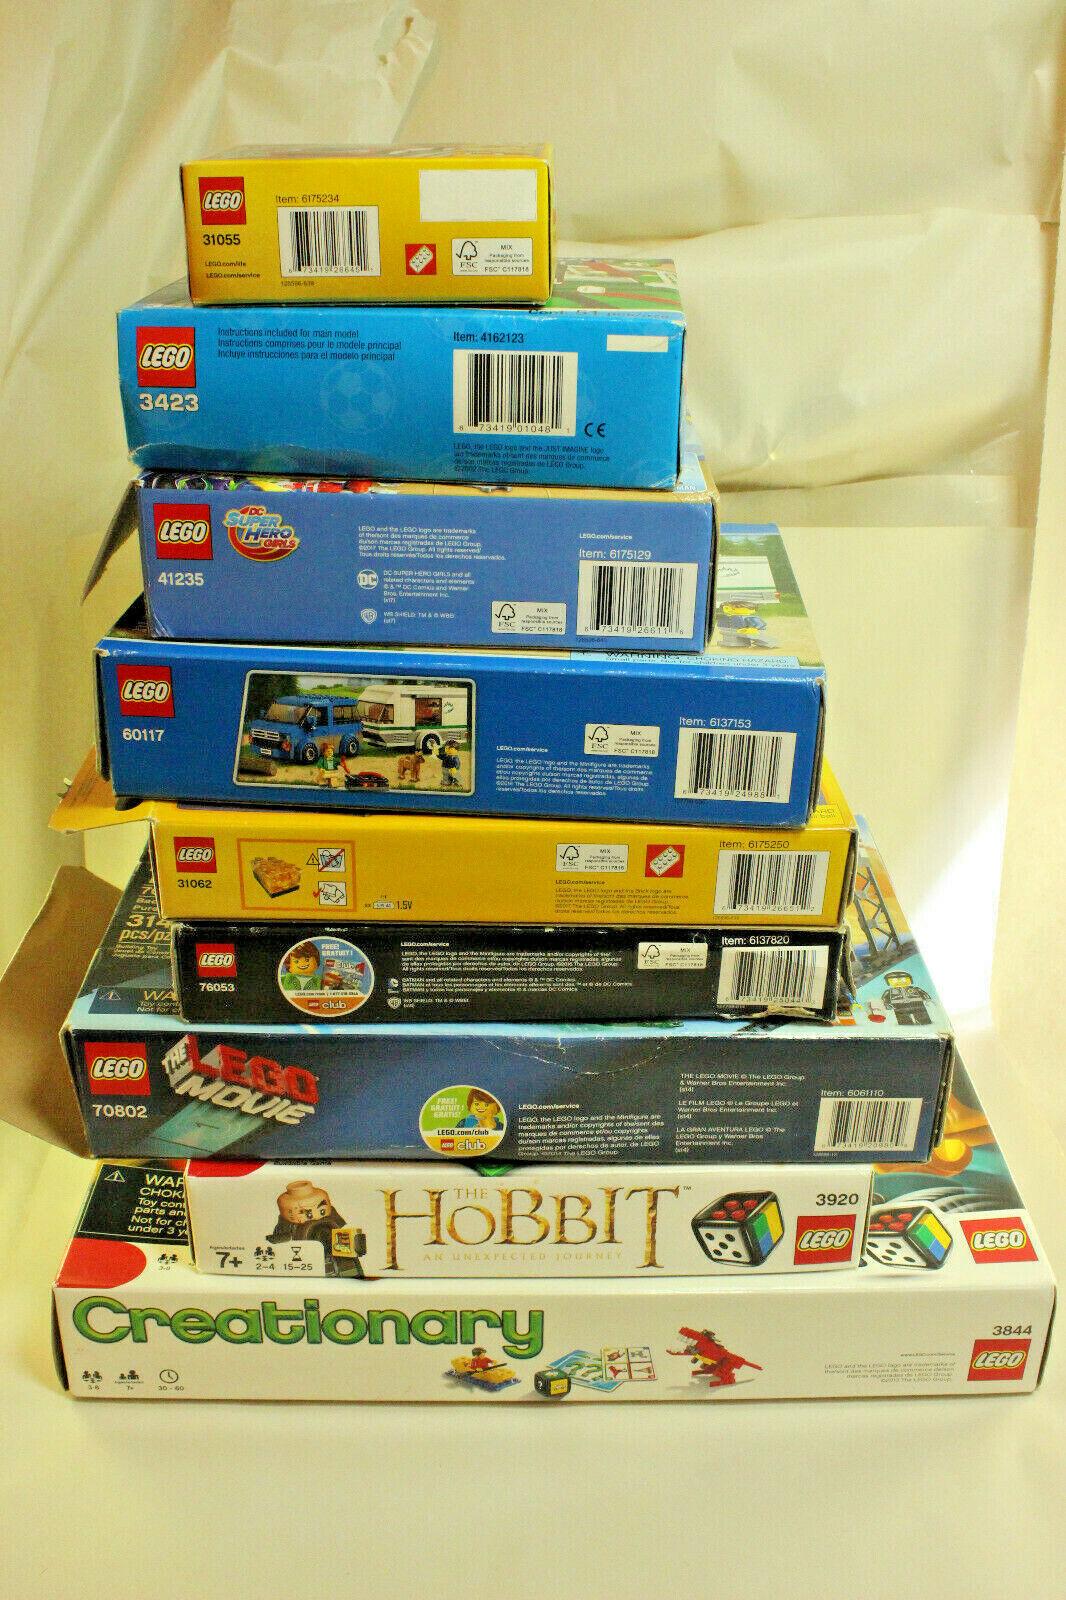 la migliore offerta del negozio online LEGO LOT 9 Wonder donna 41235 DC 31055 31055 31055 3423 60117 31062 76053 70802 3920 3844  Sconto del 40%